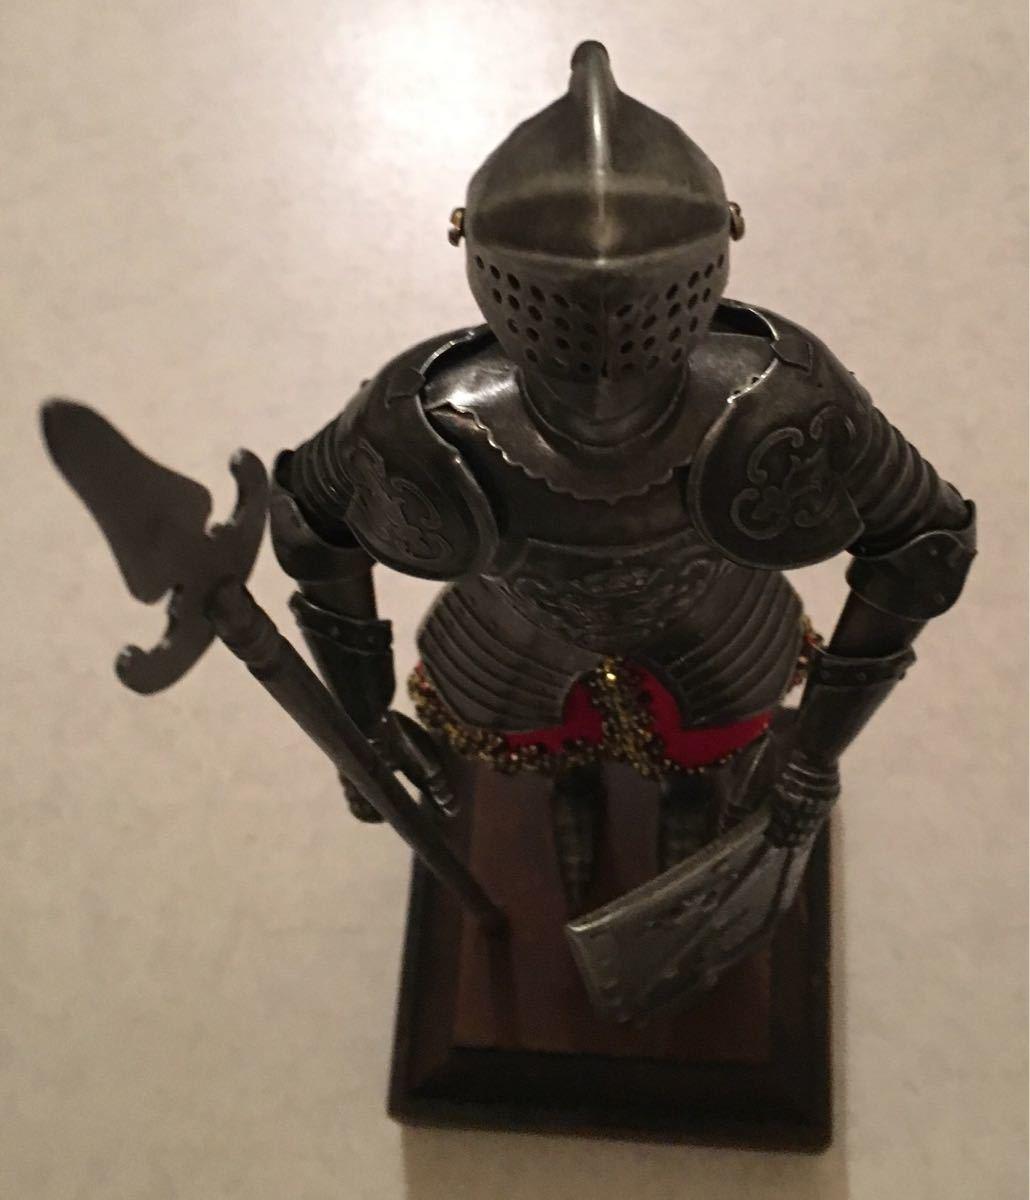 西洋鎧の騎士 西洋騎士 甲冑騎士 鎧騎士 騎士フィギュア 鎧フィギュア 鎧スタチュー 甲冑フィギュア 騎士の置物_画像4